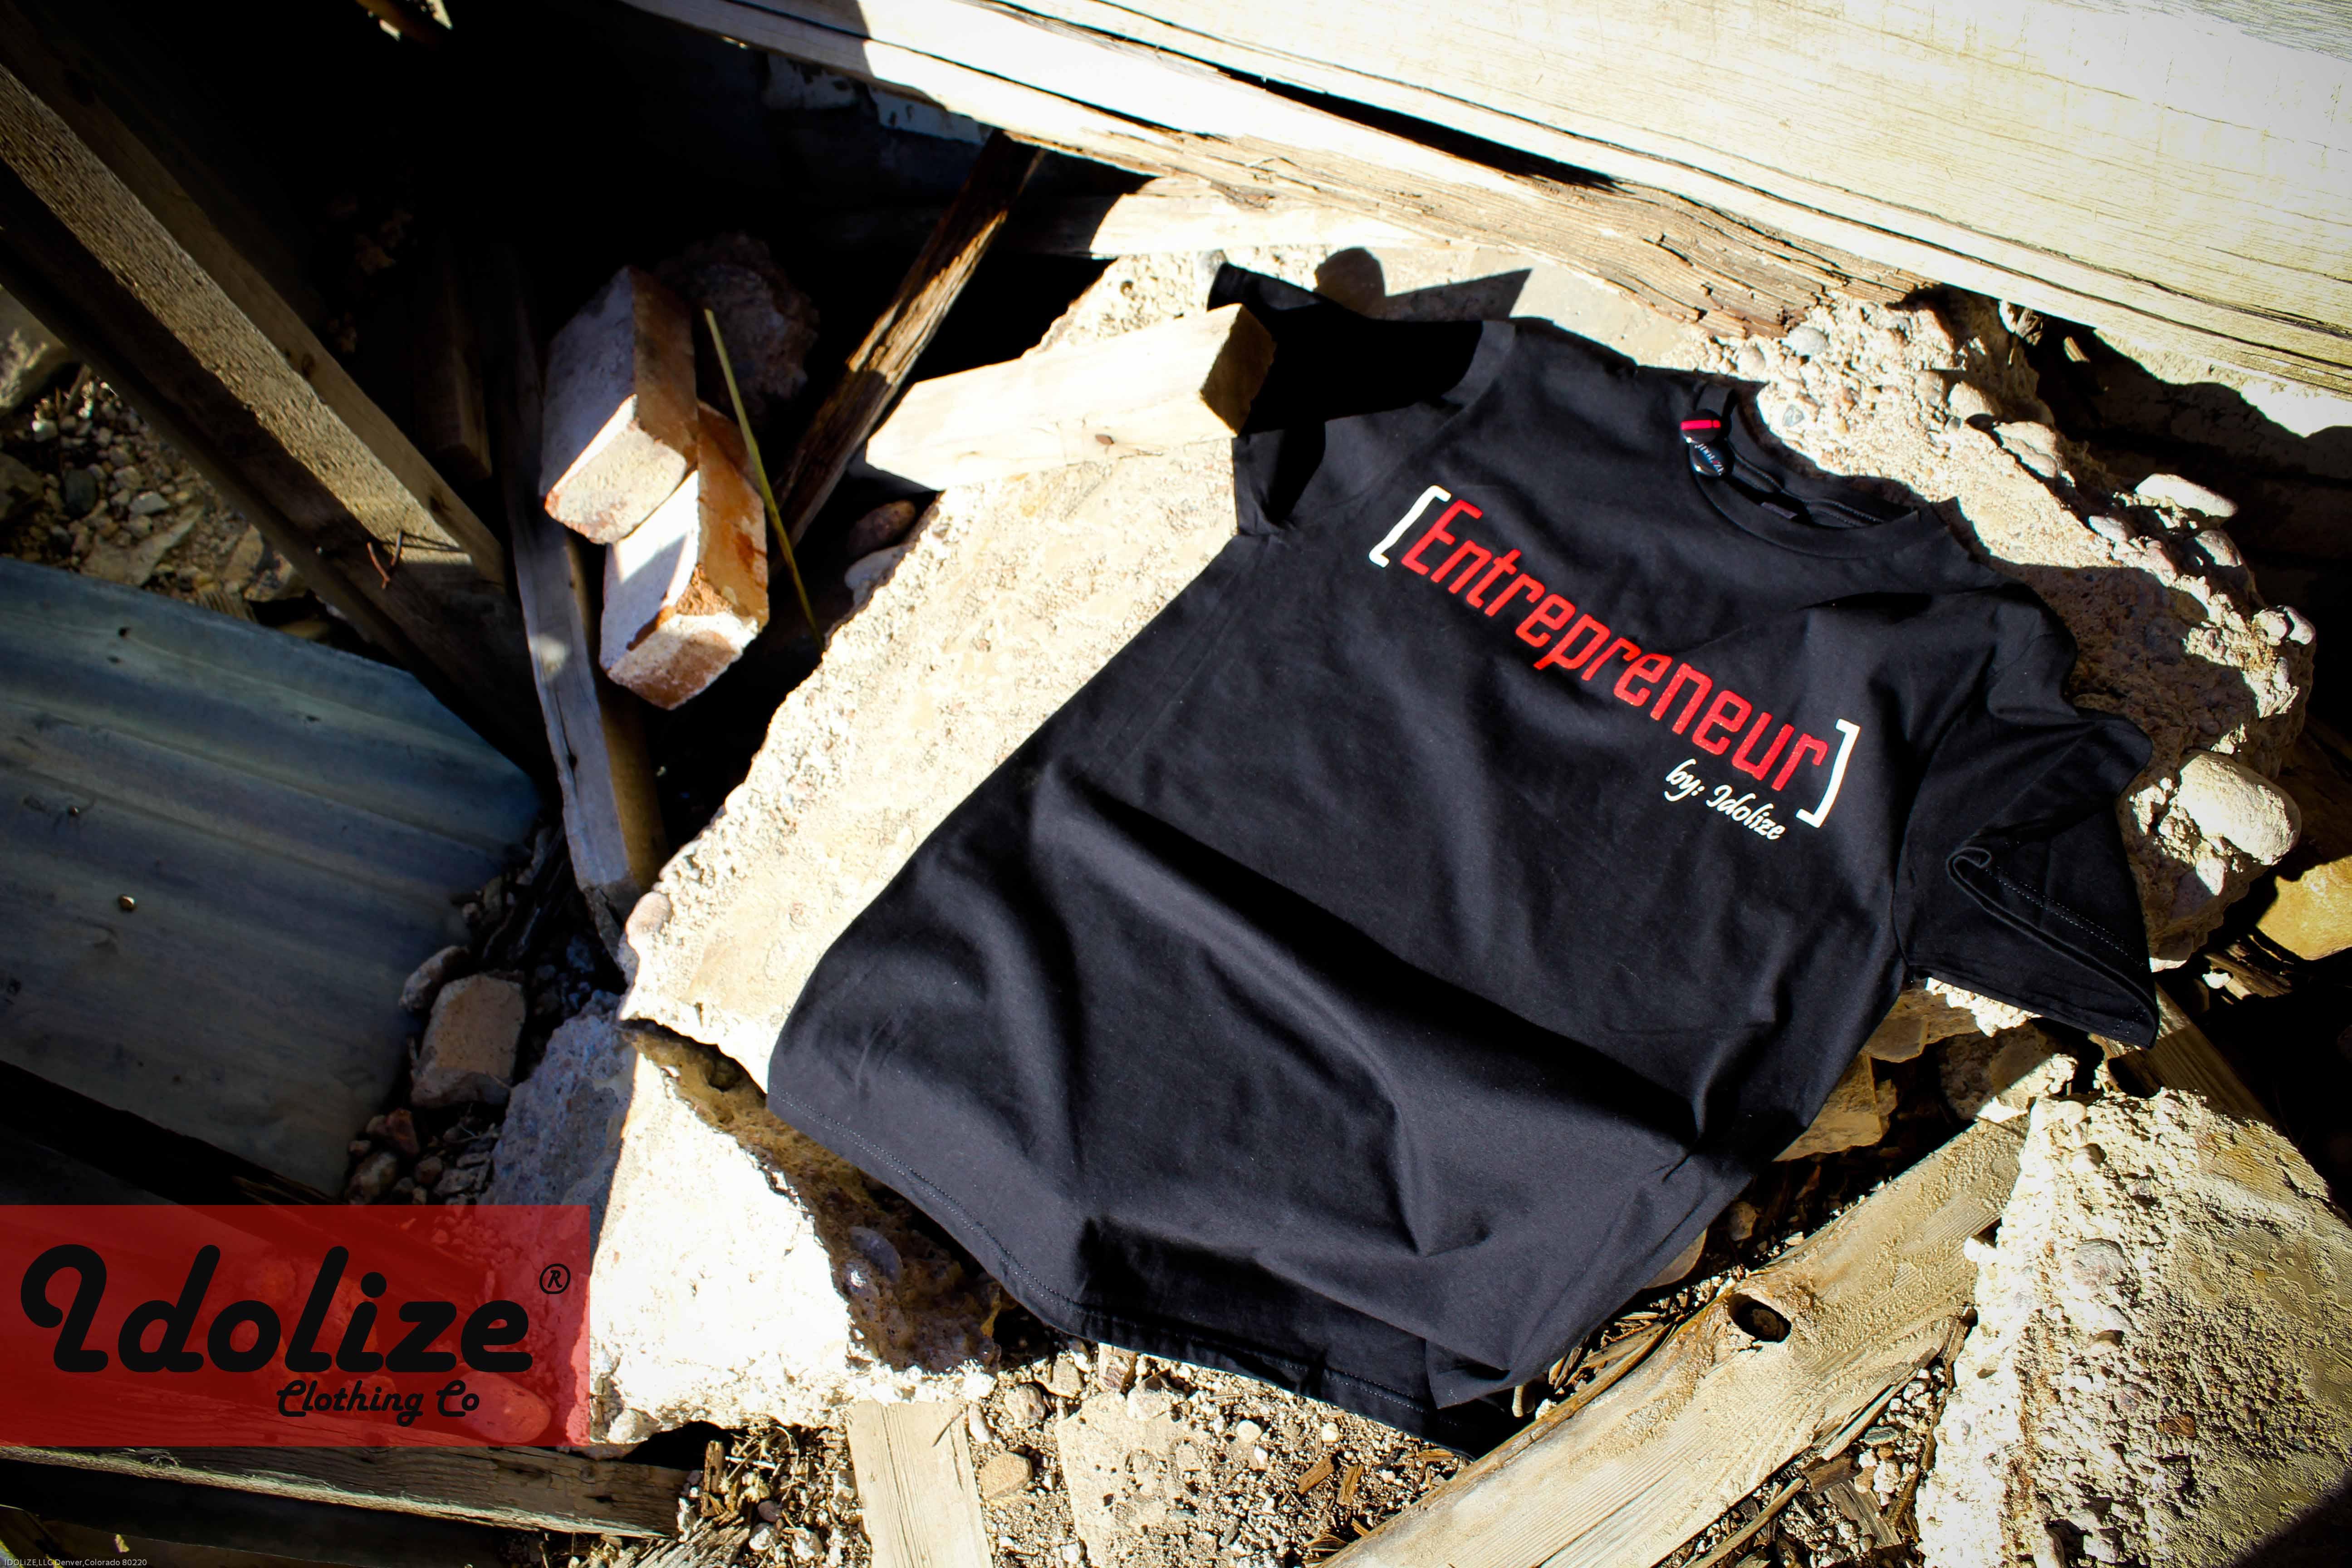 The Entrepreneur 2 (Idolize Clothing)